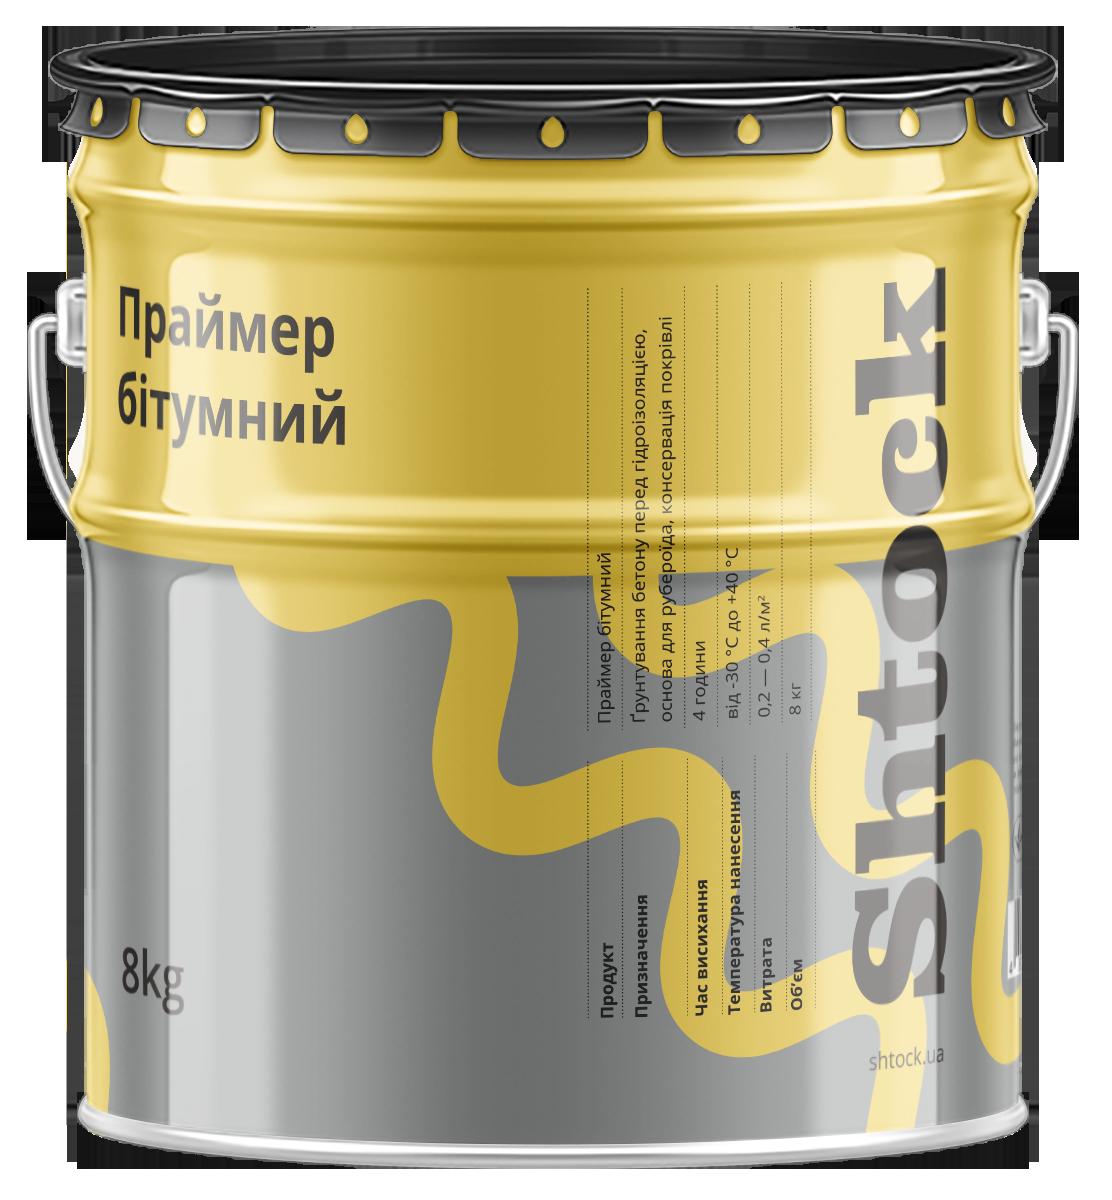 Праймер бітумно – каучуковий, 8 кг